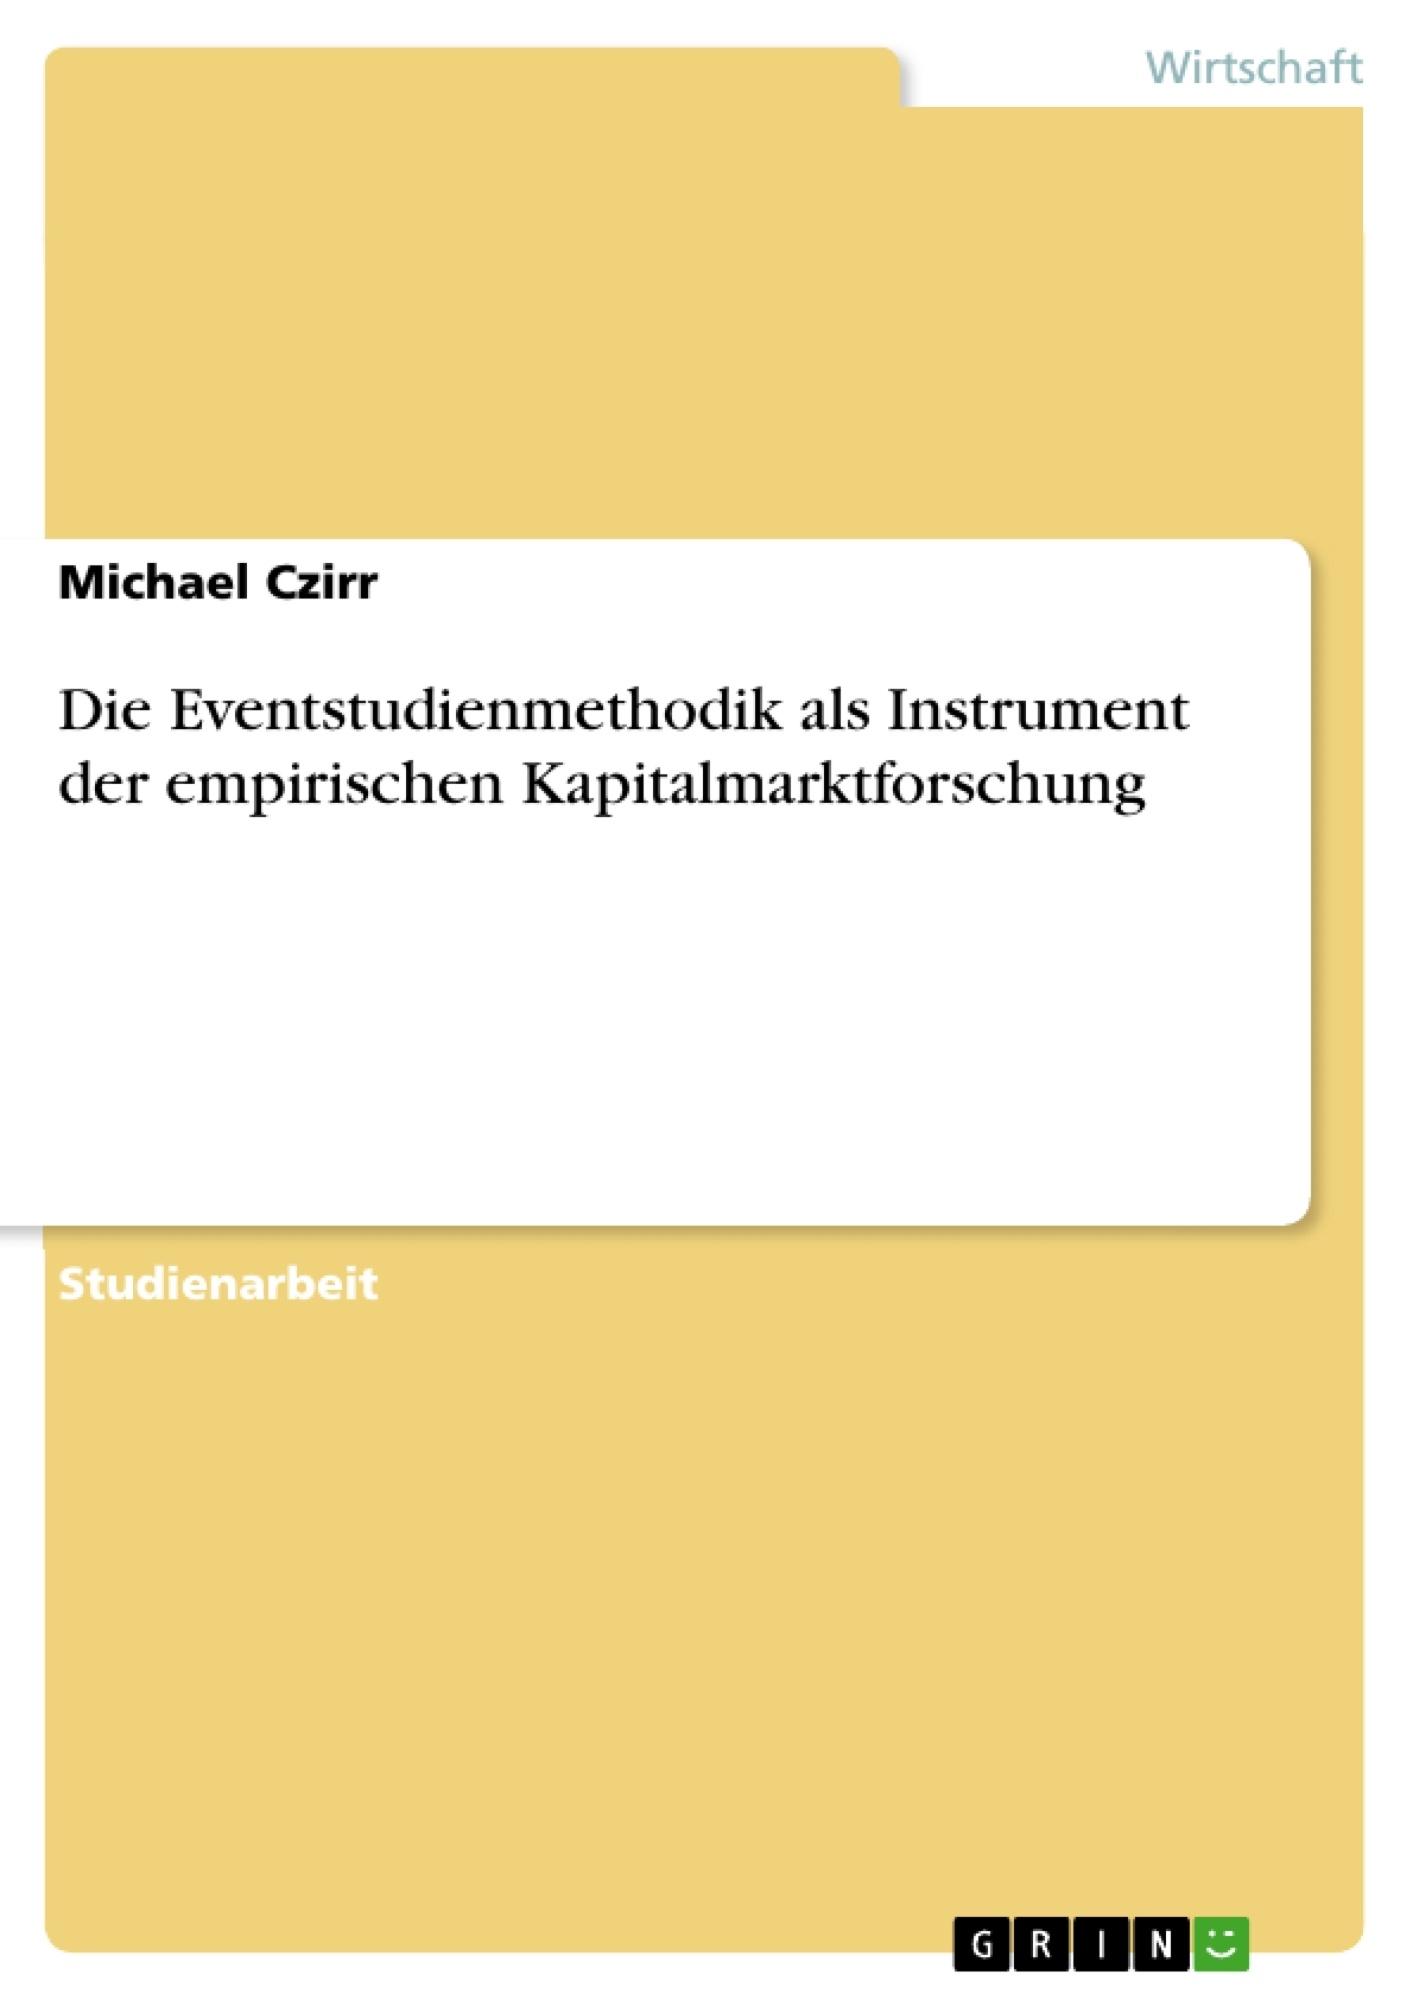 Titel: Die Eventstudienmethodik als Instrument der empirischen Kapitalmarktforschung